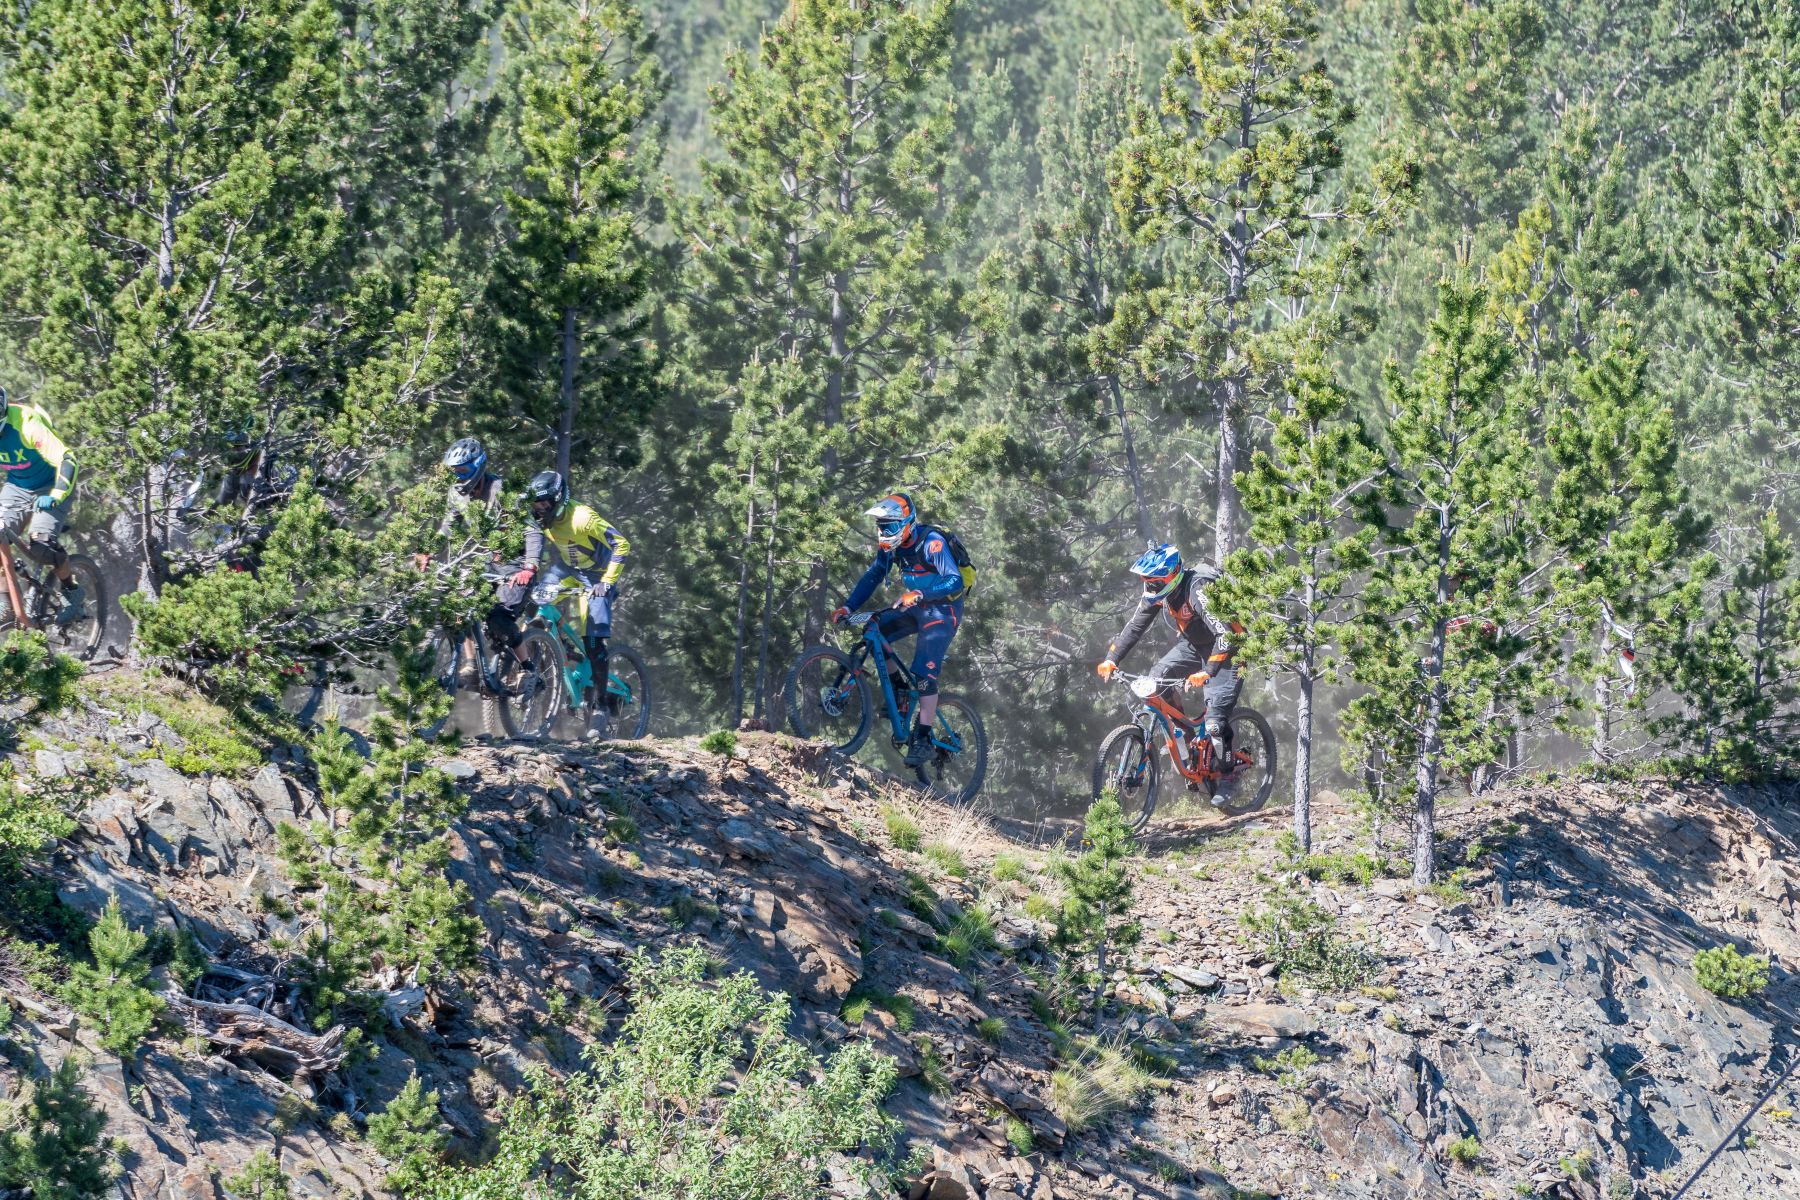 Los tramos de pedaleo, aunque pocos y cortos, son el terreno más fácil para adelantar